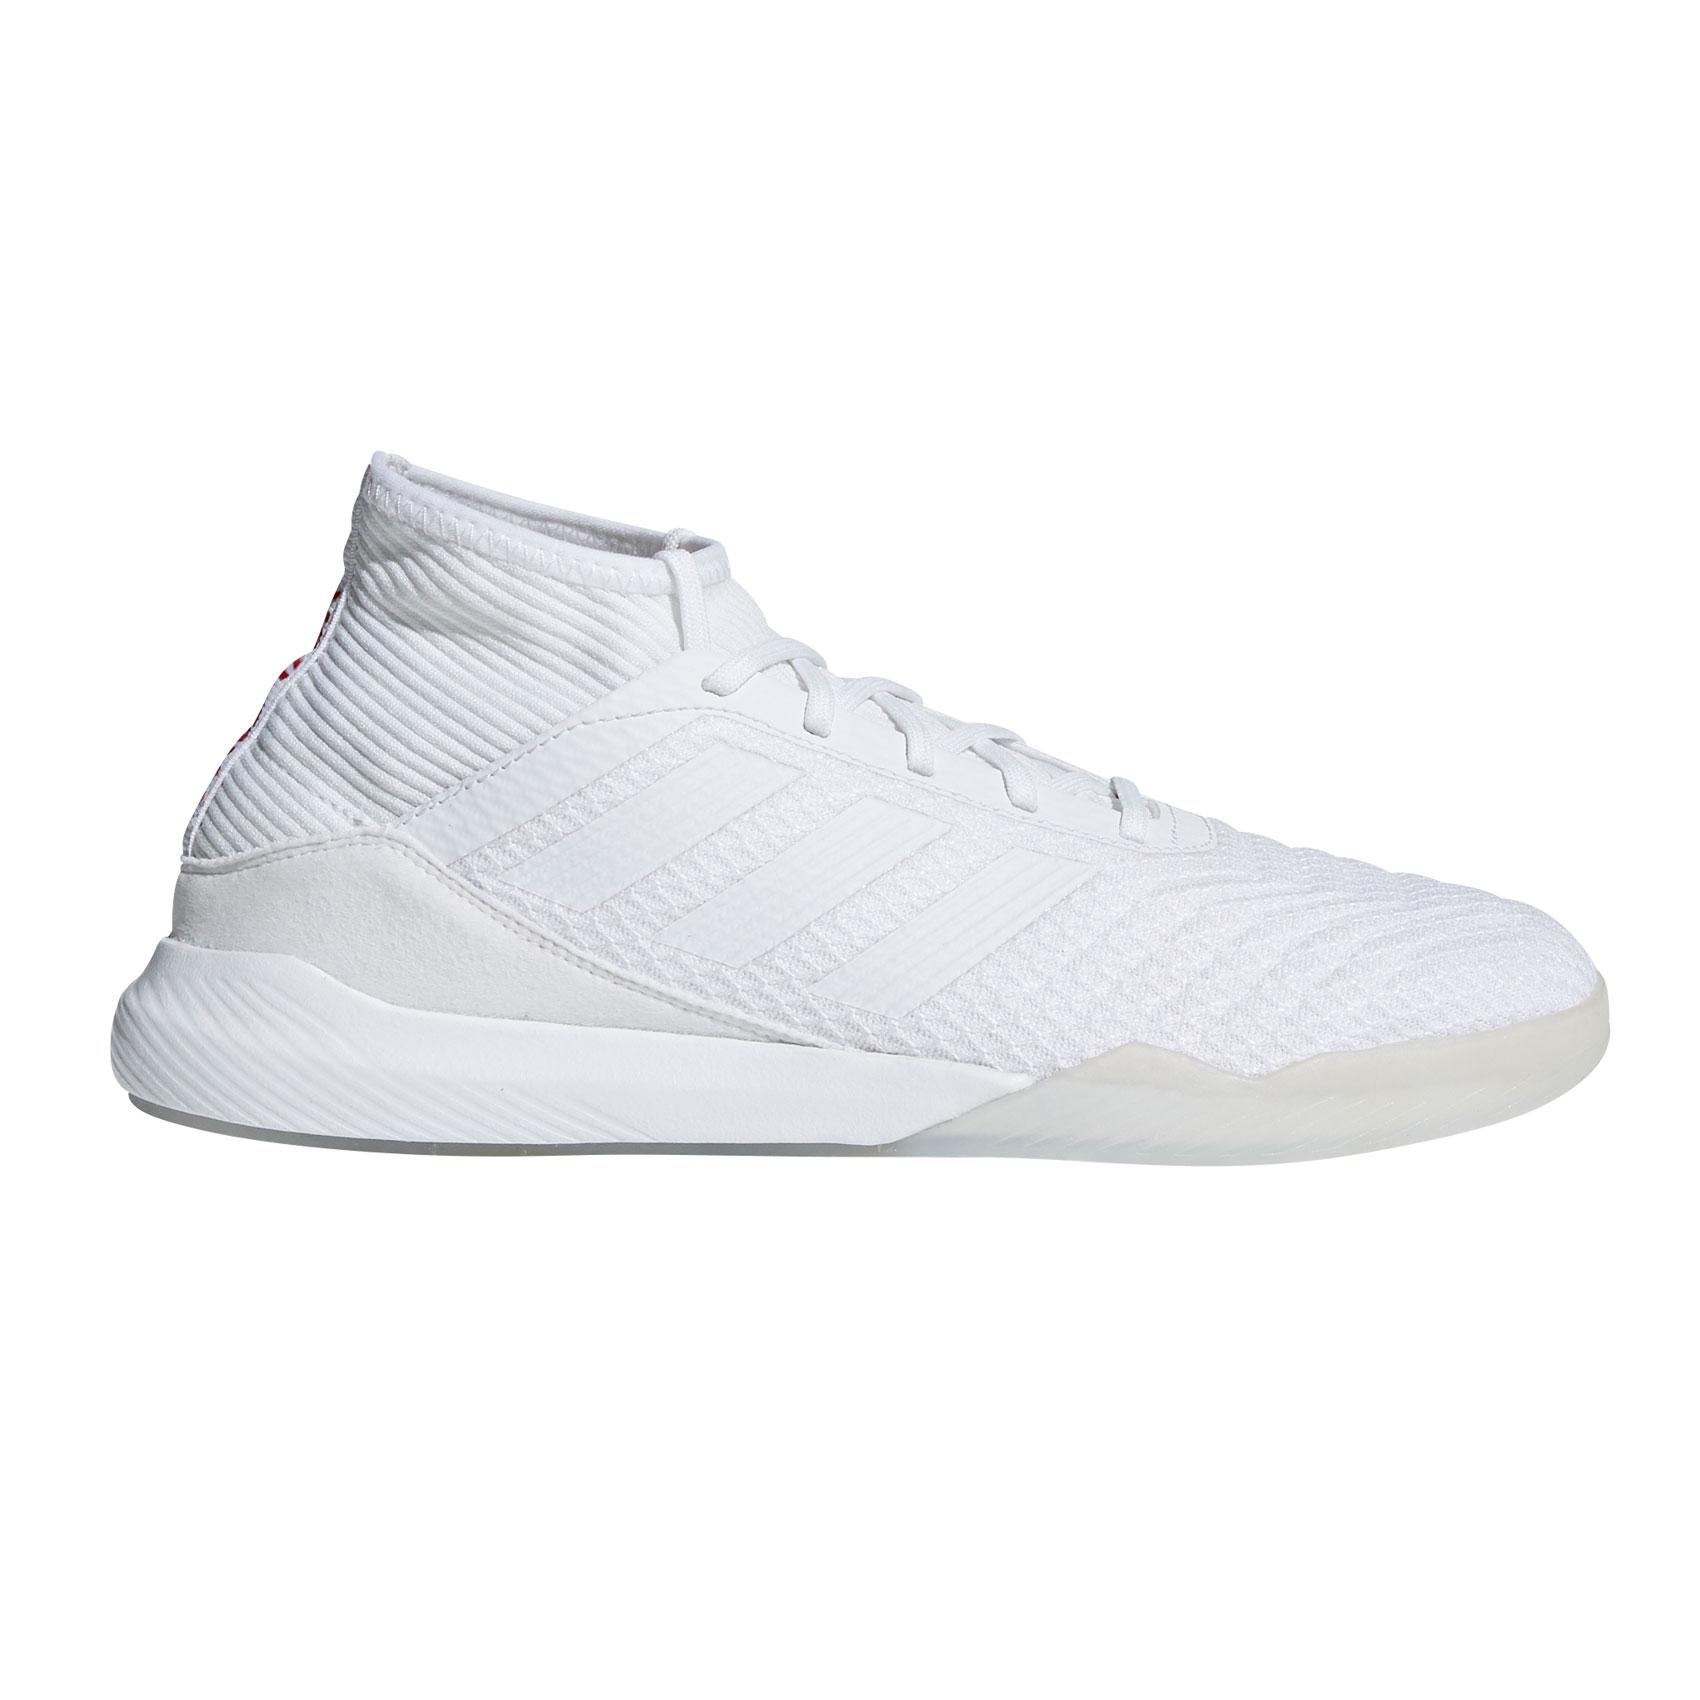 Afbeelding van Adidas Predator Tango 18.3 CM7703 Vrijetijdsschoenen Heren Footwear White Core Black Real Coral